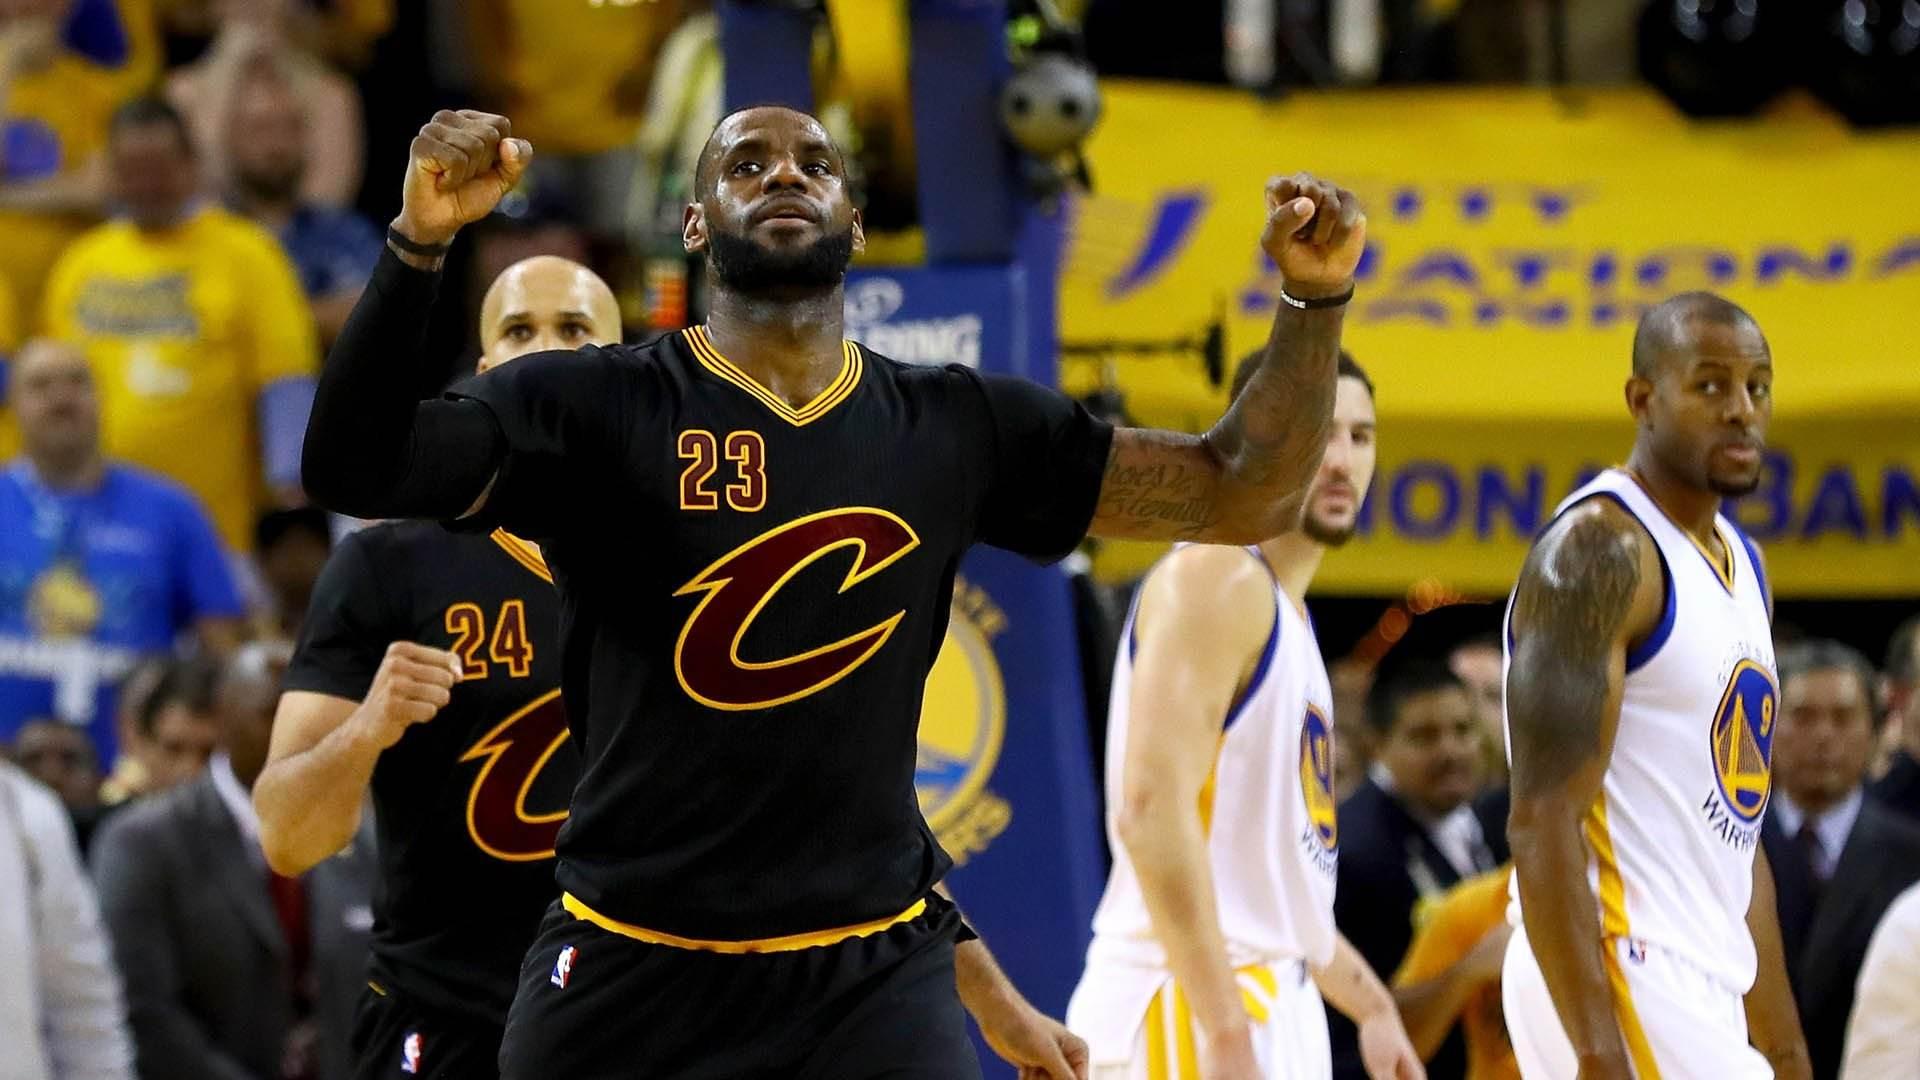 NBA令人血脉喷张扣篮大合集第二部 JR隔扣对手麦迪乔丹骑扣对手_全景NBA